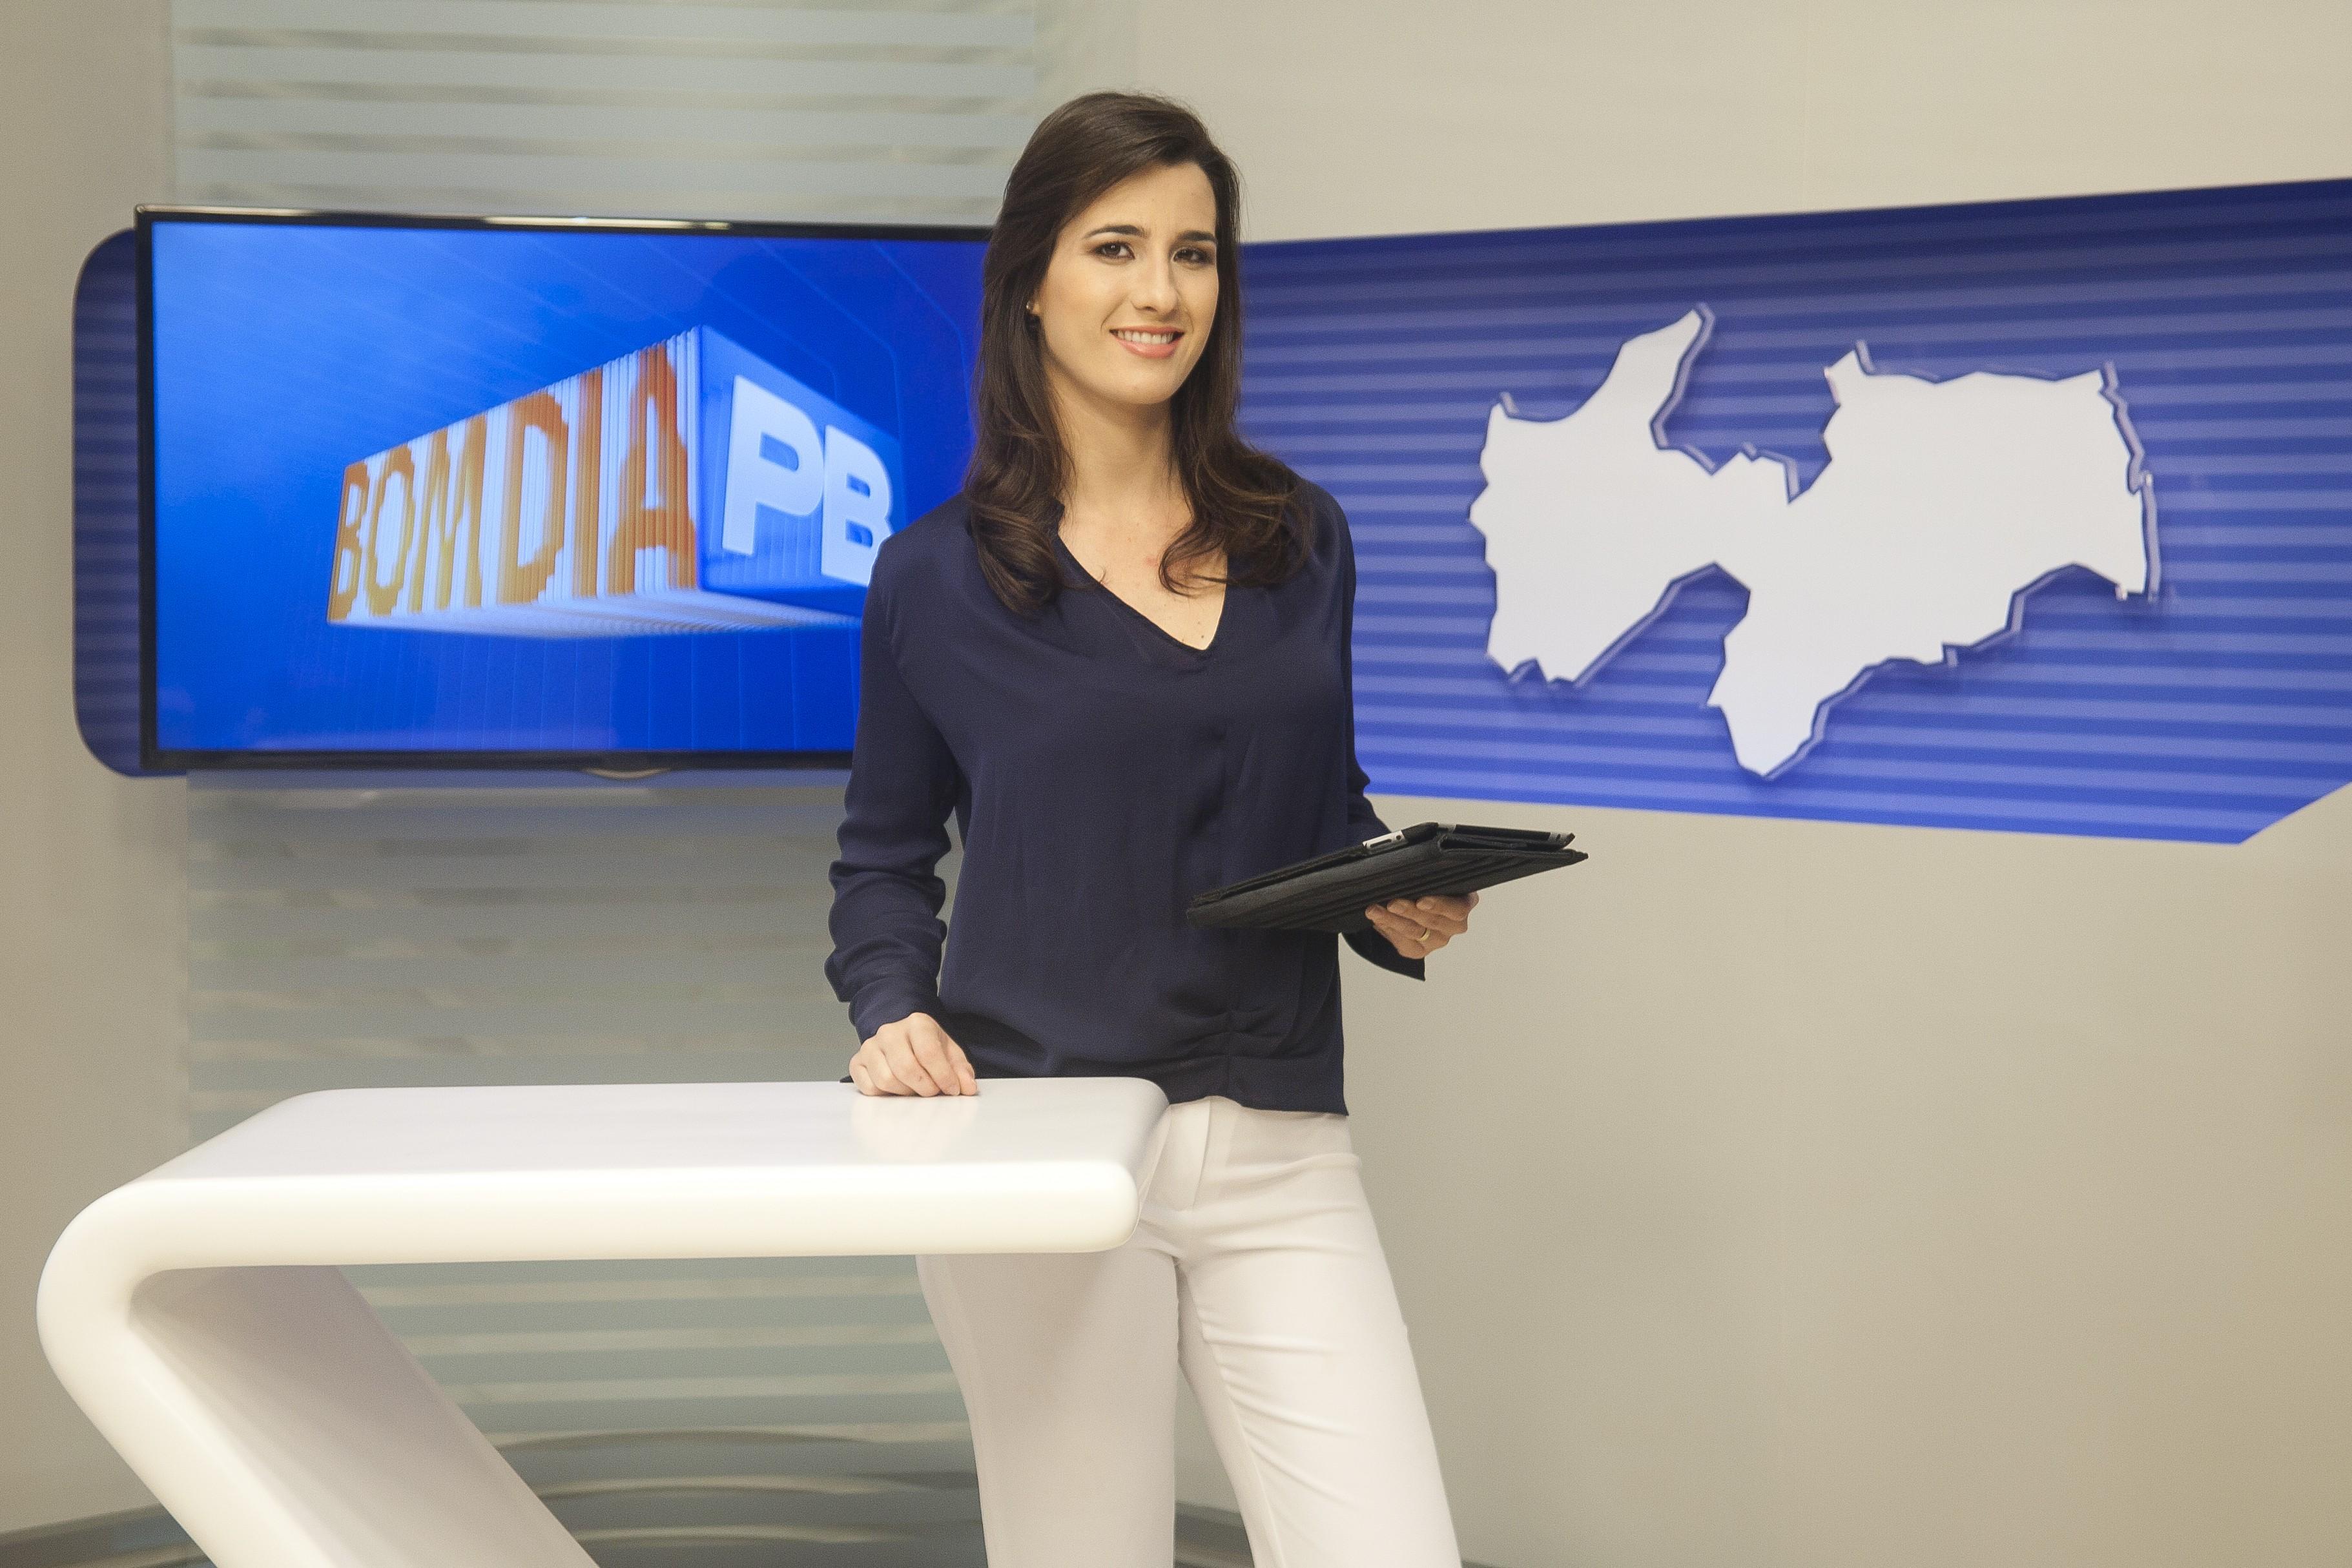 Novos estudios (Foto: Divulgação)